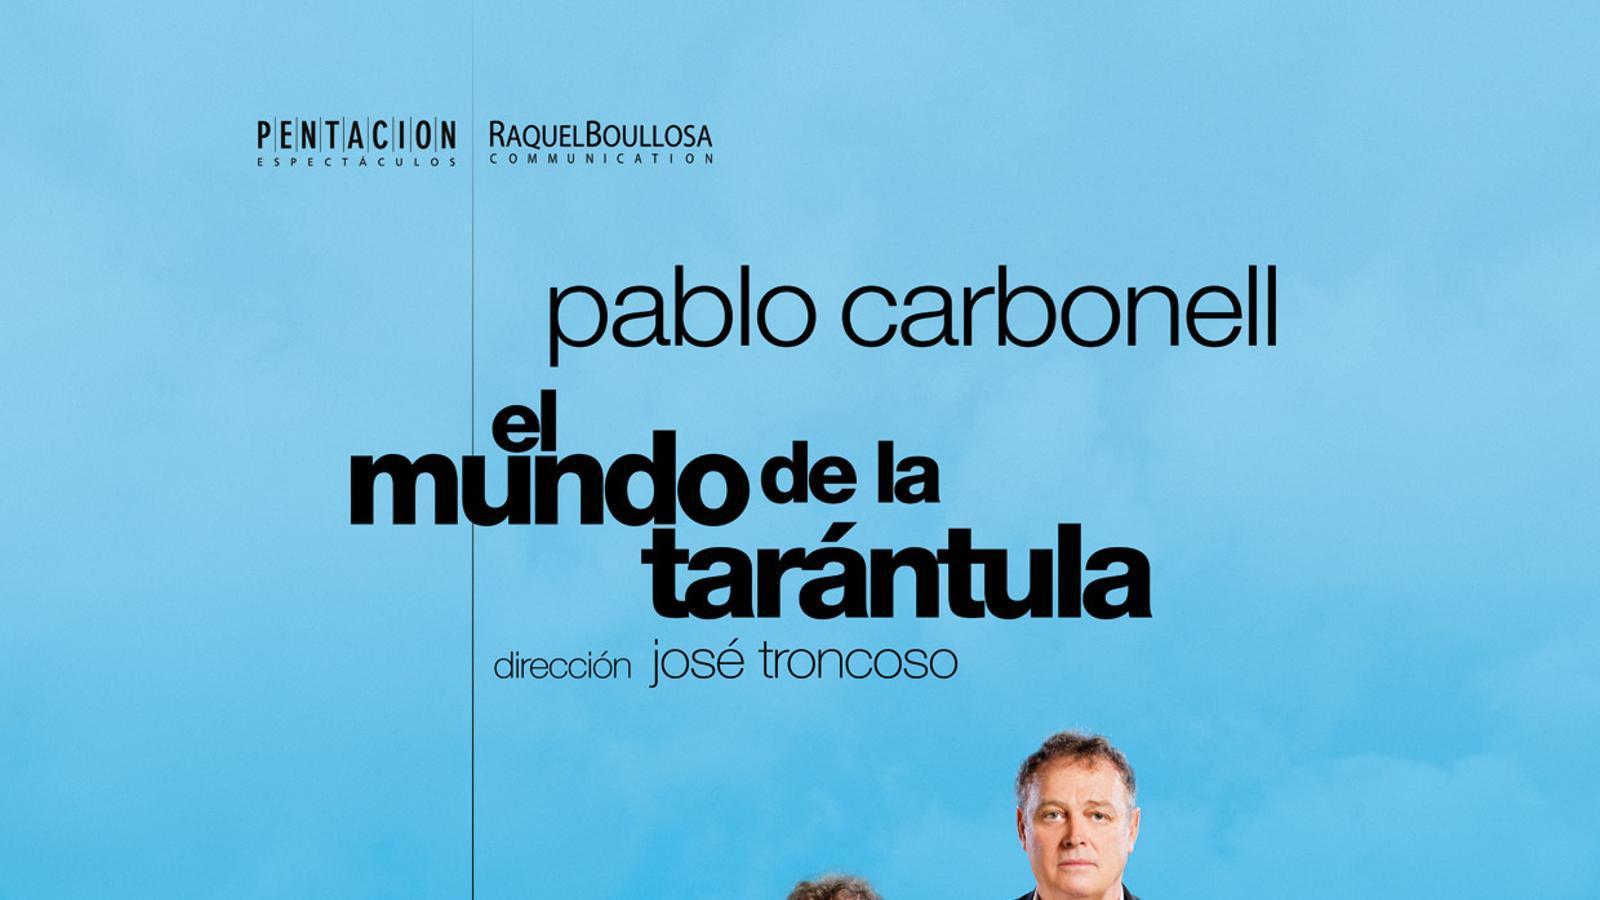 Pablo Carbonell du 'El mundo de la tarántula' al Principal de Maó